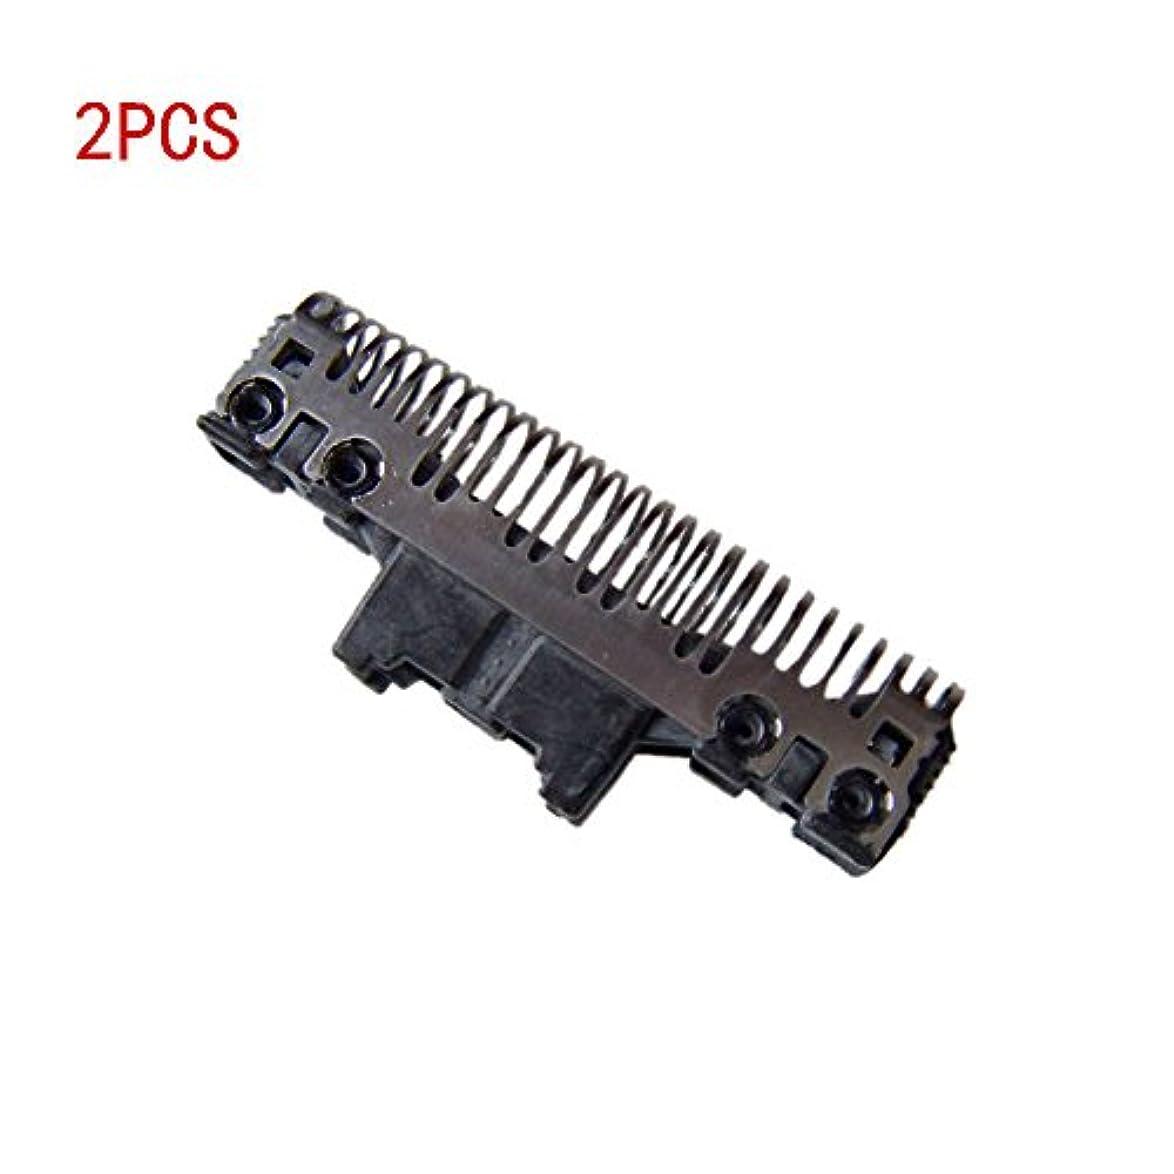 ブランド名荒らす混合したJanjunsi 回転式シェーバー シェーバーパーツ シェーバー 交換用 替刃 内刃 耐用 for Panasonic ES9072/7021/7022/7023/7026/7027/7006/7007